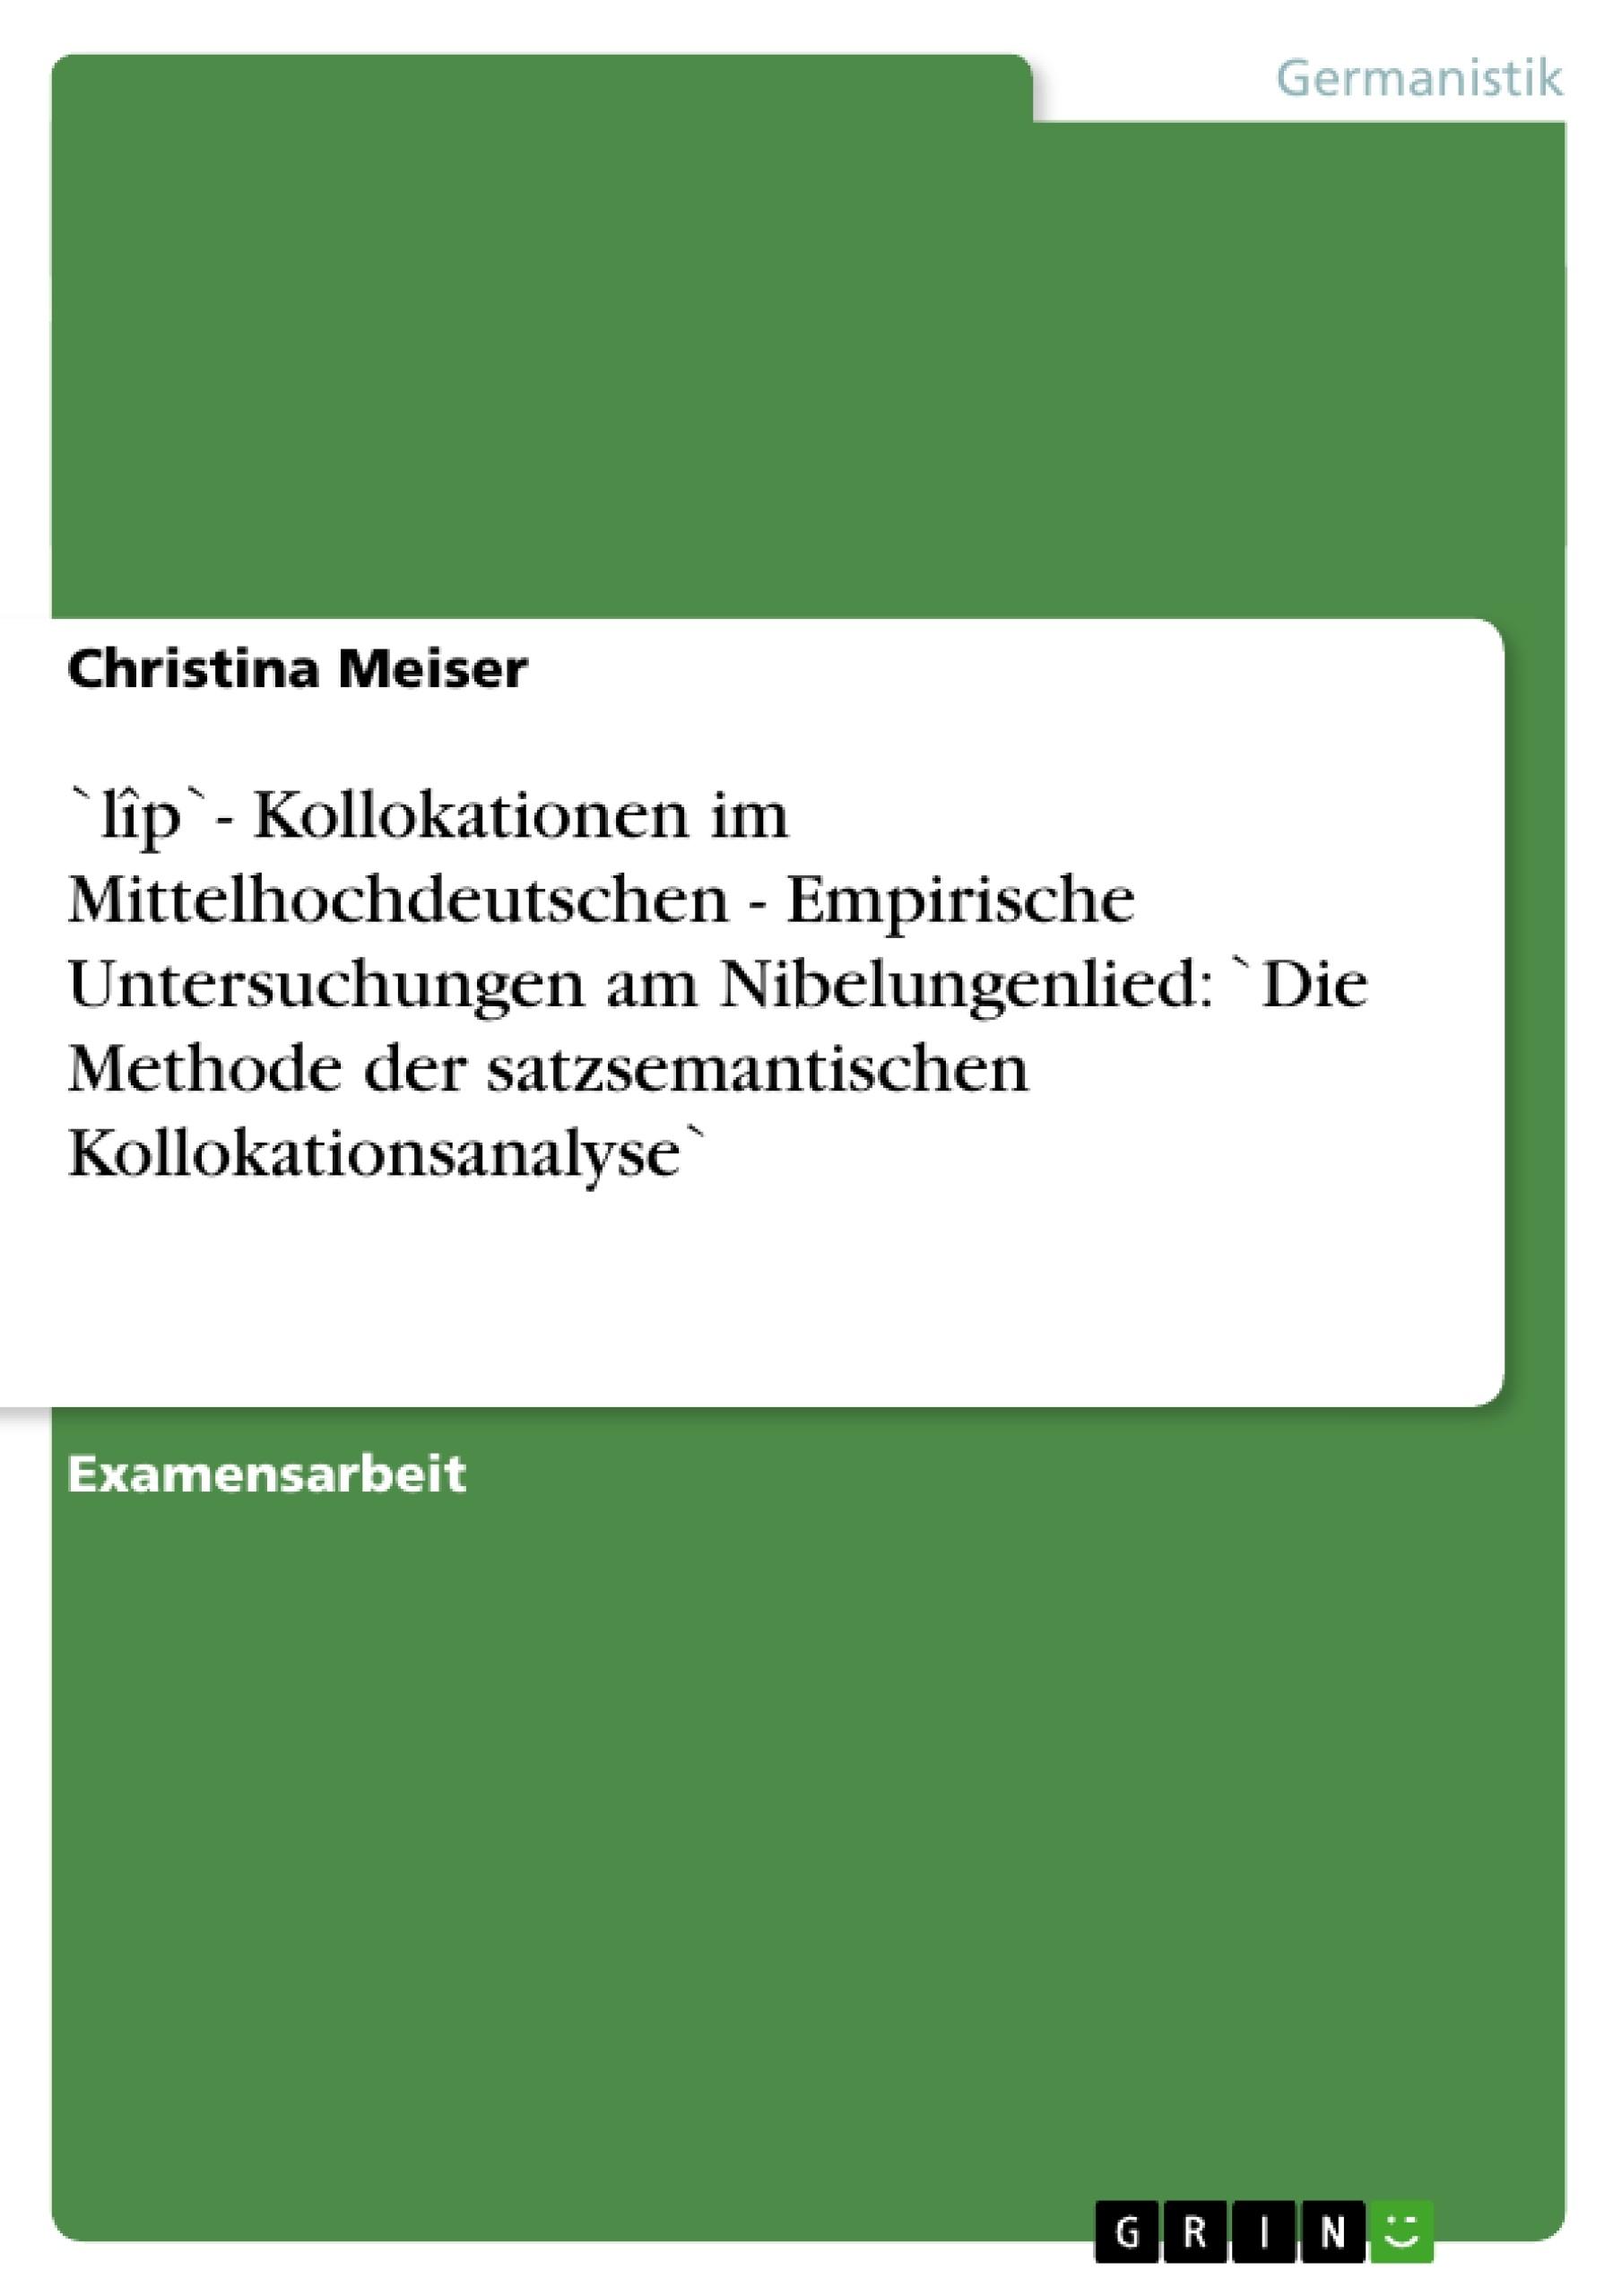 Titel: `lîp`- Kollokationen im Mittelhochdeutschen - Empirische Untersuchungen am Nibelungenlied: `Die Methode der satzsemantischen Kollokationsanalyse`